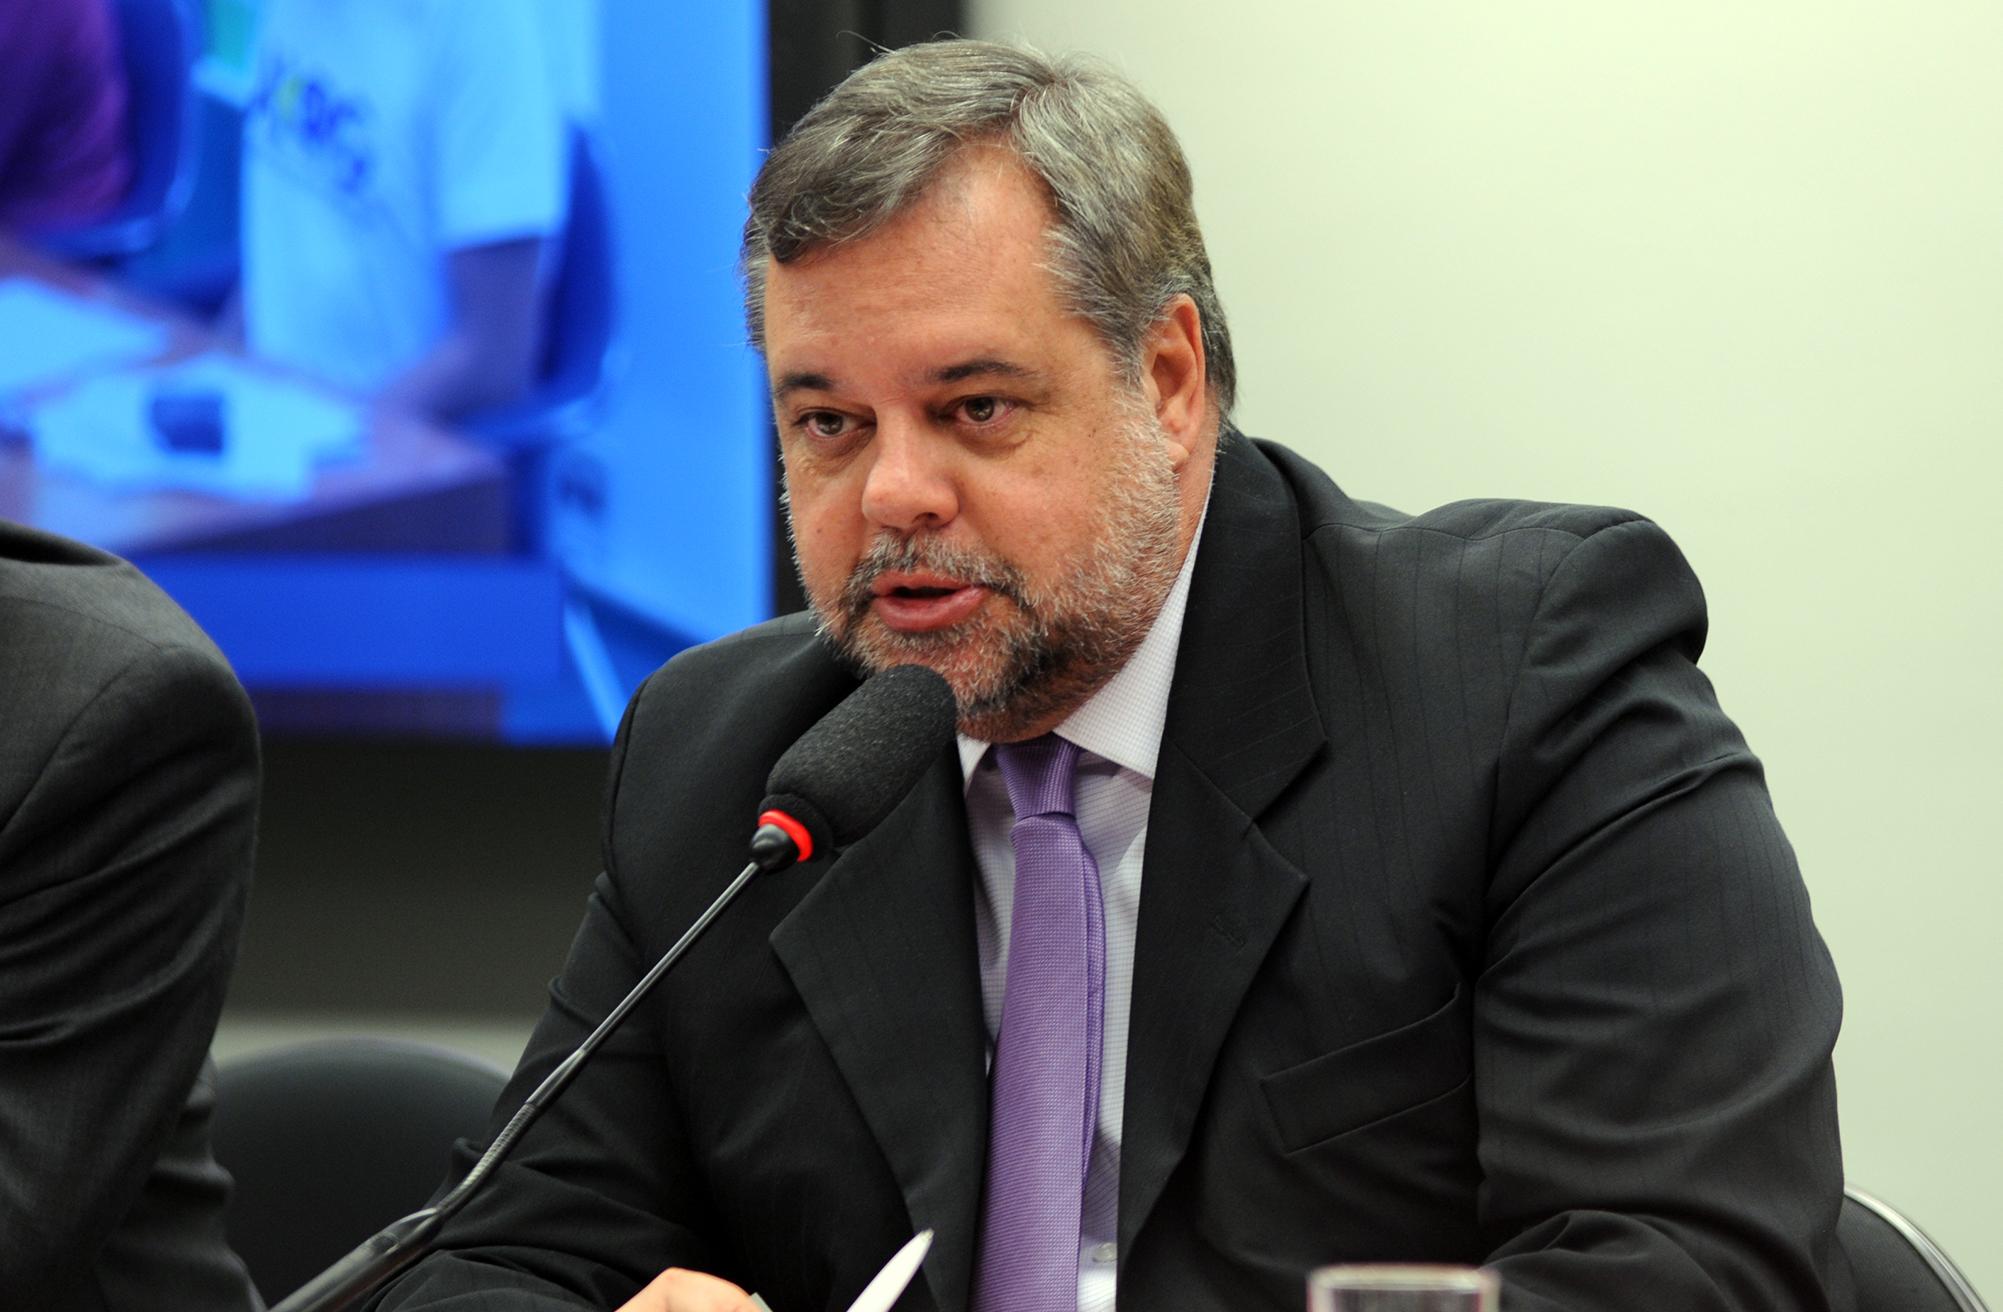 Audiência pública sobre o PL 4559/16, que dispõe sobre o Reajuste Anual das Bolsas concedidas pelos órgãos federais de apoio e fomento à pós-graduação e pesquisa. Dep. Lobbe Neto (PSDB-SP)